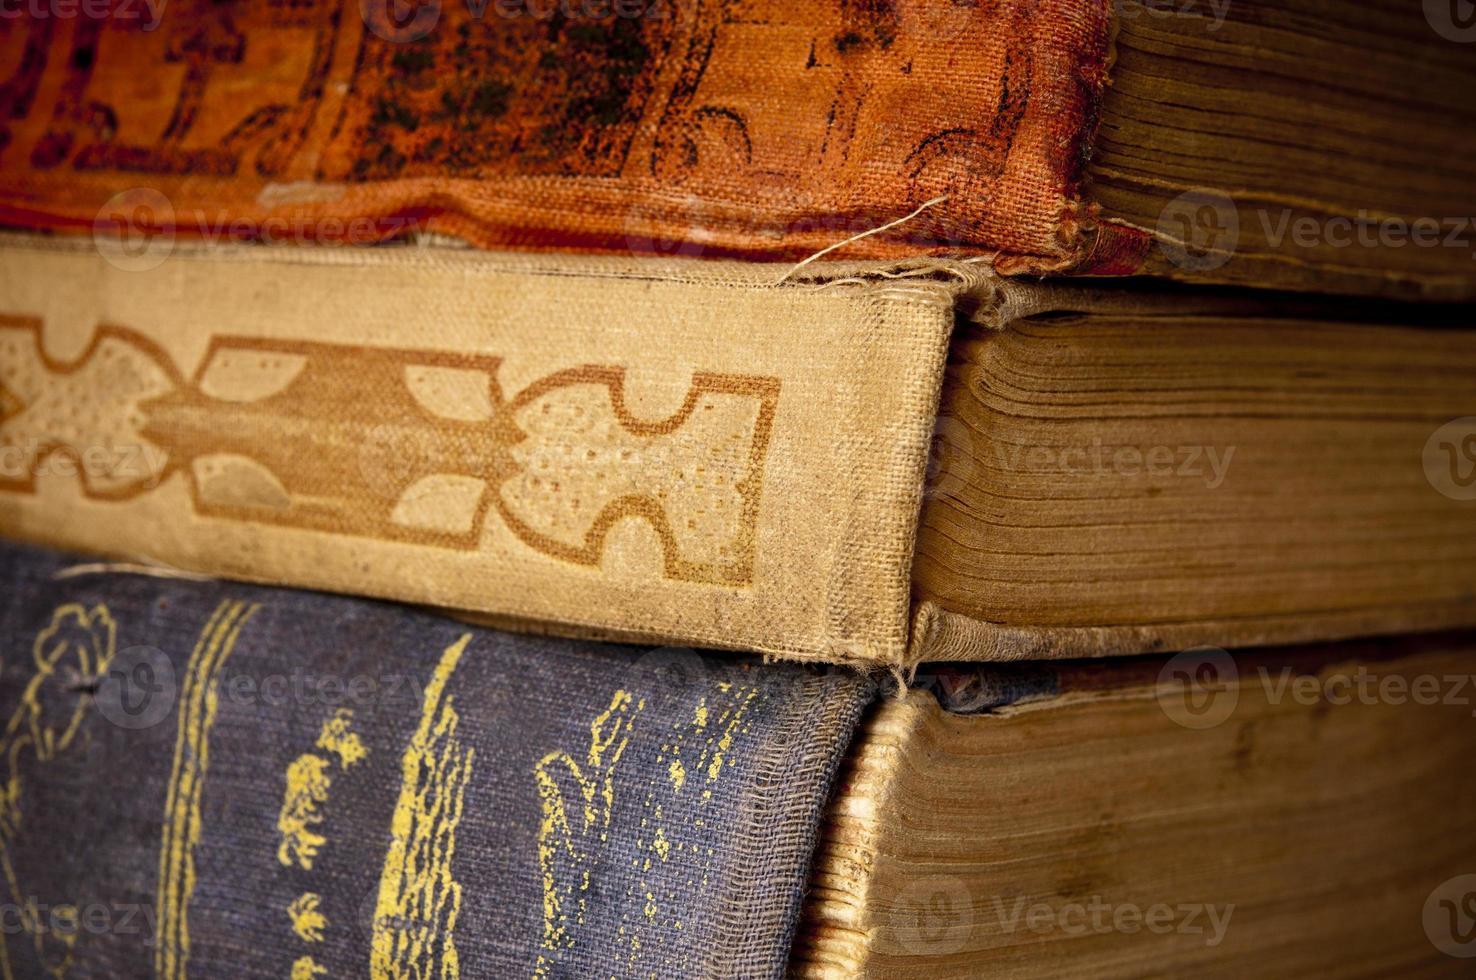 Antique books photo